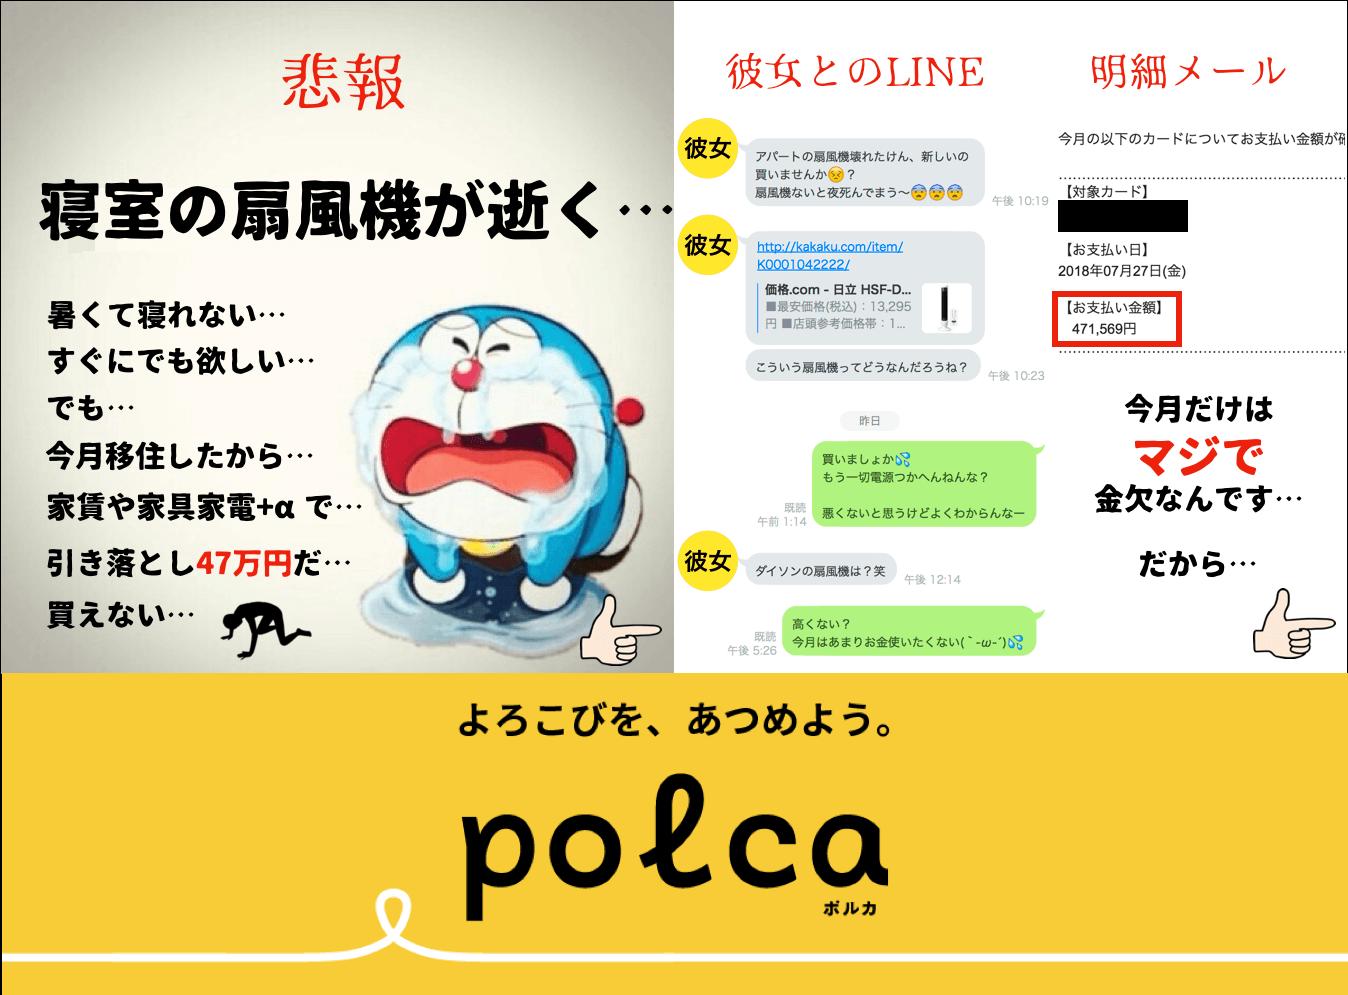 扇風機 polca 支援 成功 企画 初日1万円